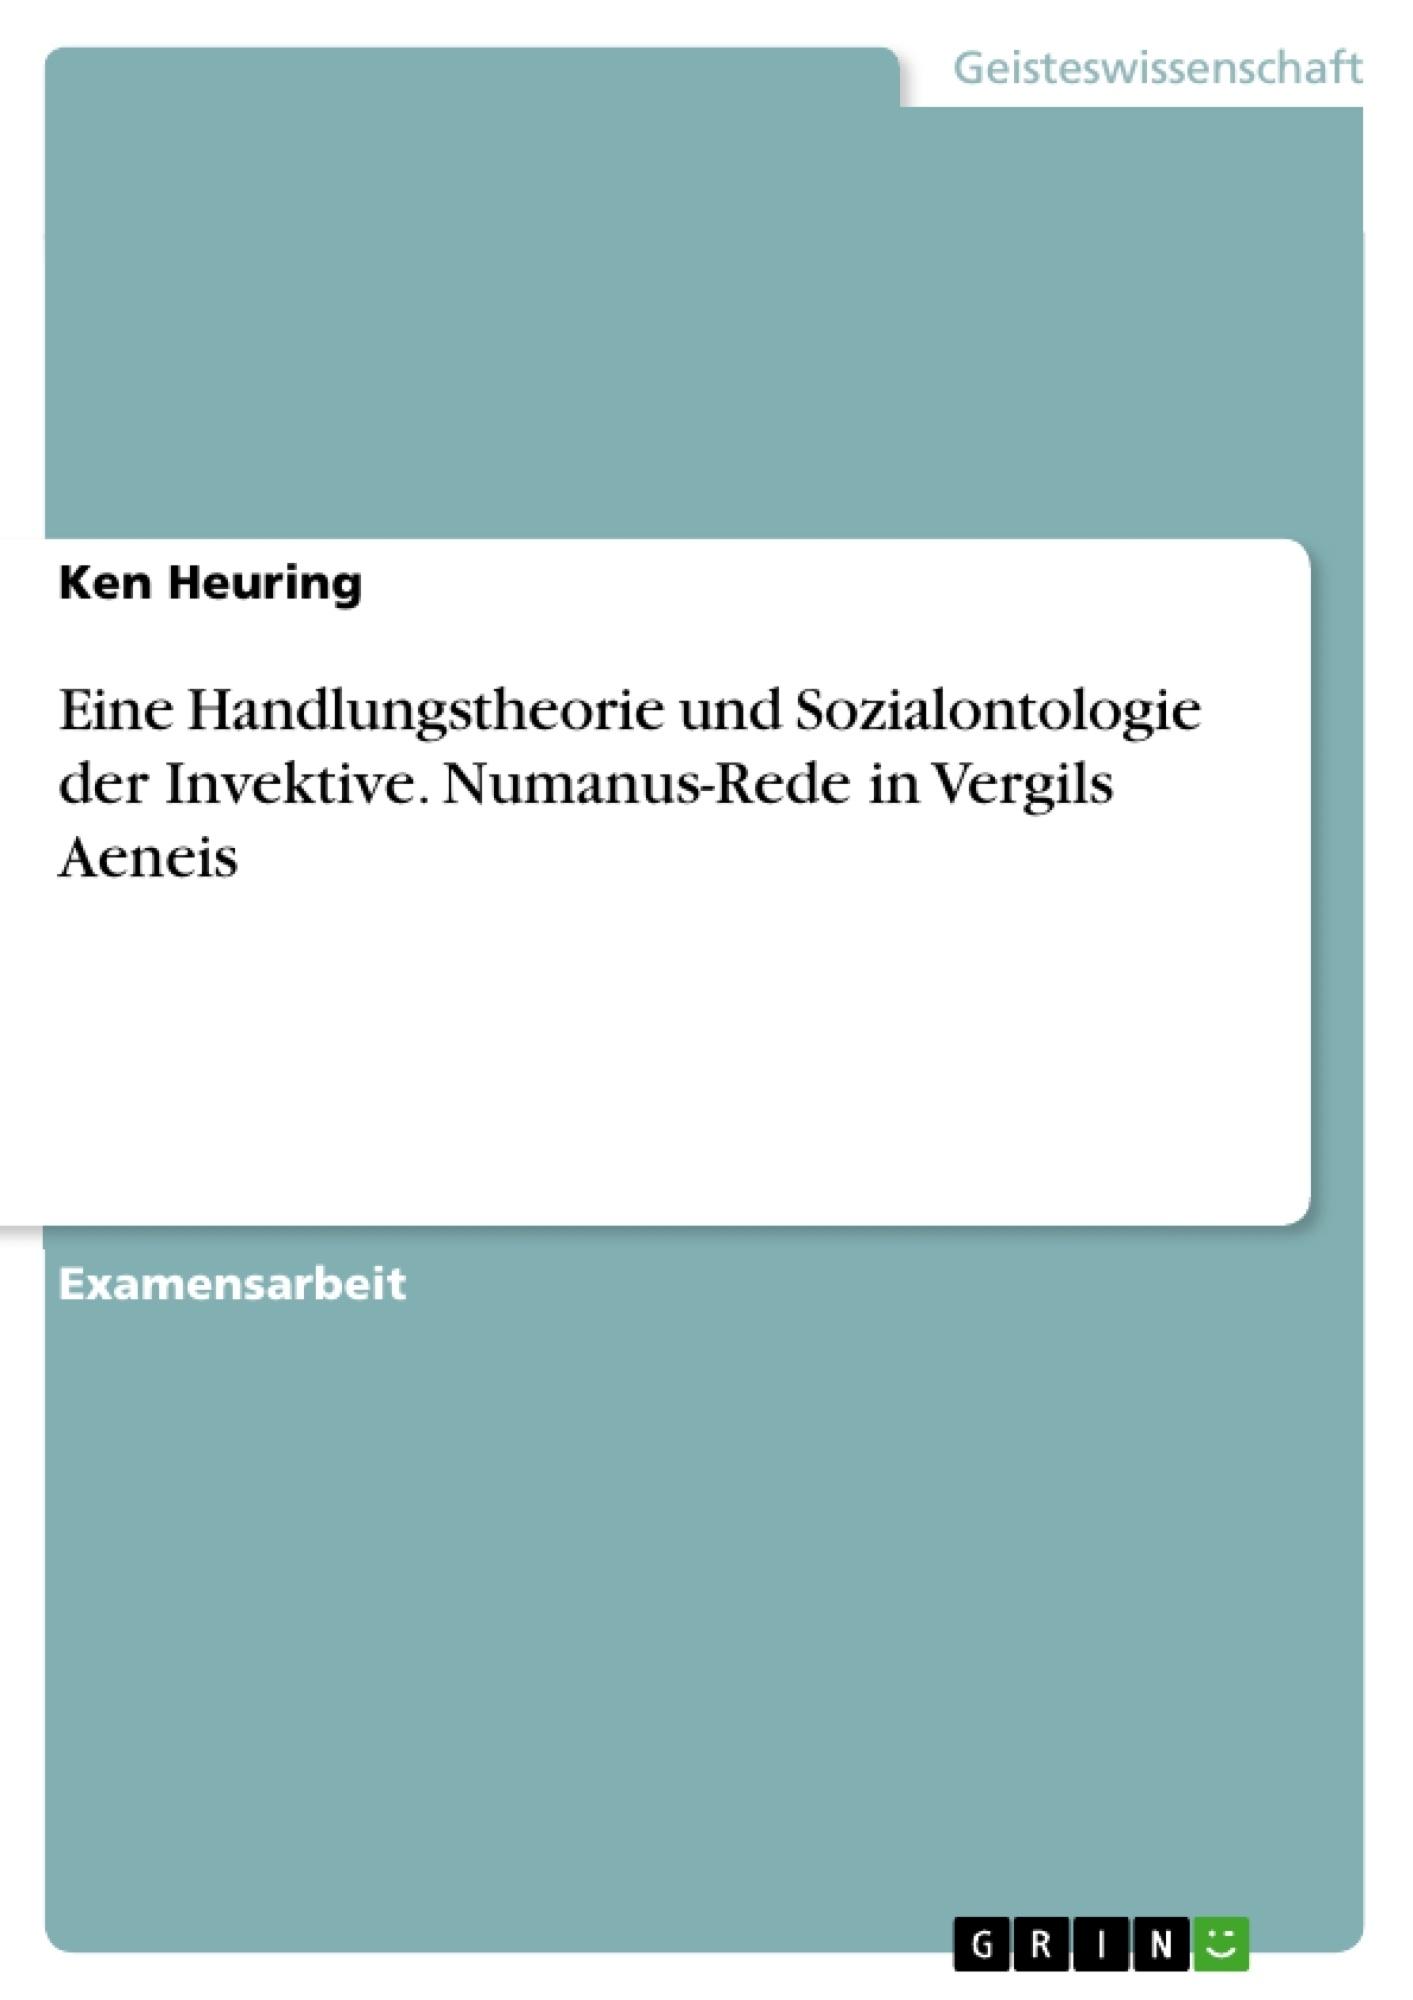 Titel: Eine Handlungstheorie und Sozialontologie der Invektive. Numanus-Rede in Vergils Aeneis